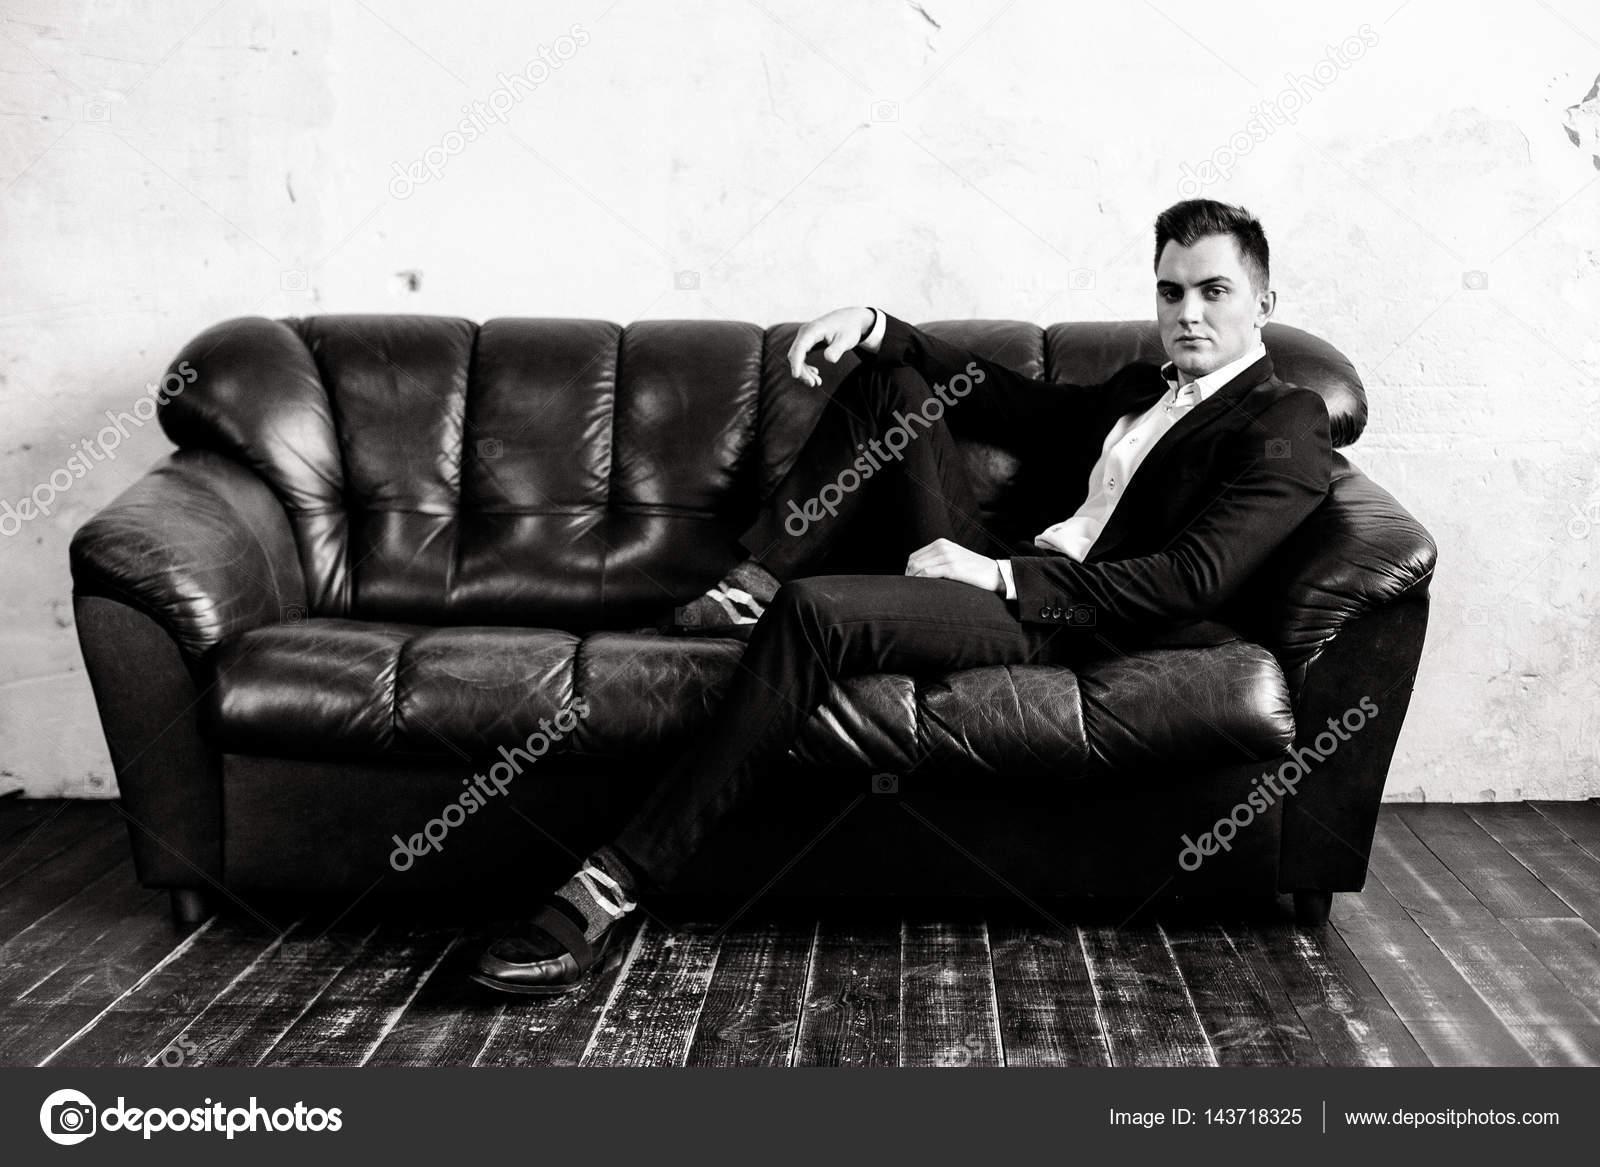 f64f46cb977b Μαύρο και άσπρο φωτογραφία του κομψό όμορφος νεαρός άνδρας στο λευκό  πουκάμισο και σακάκι ποζάρει στο δερμάτινο καναπέ — Εικόνα από ...